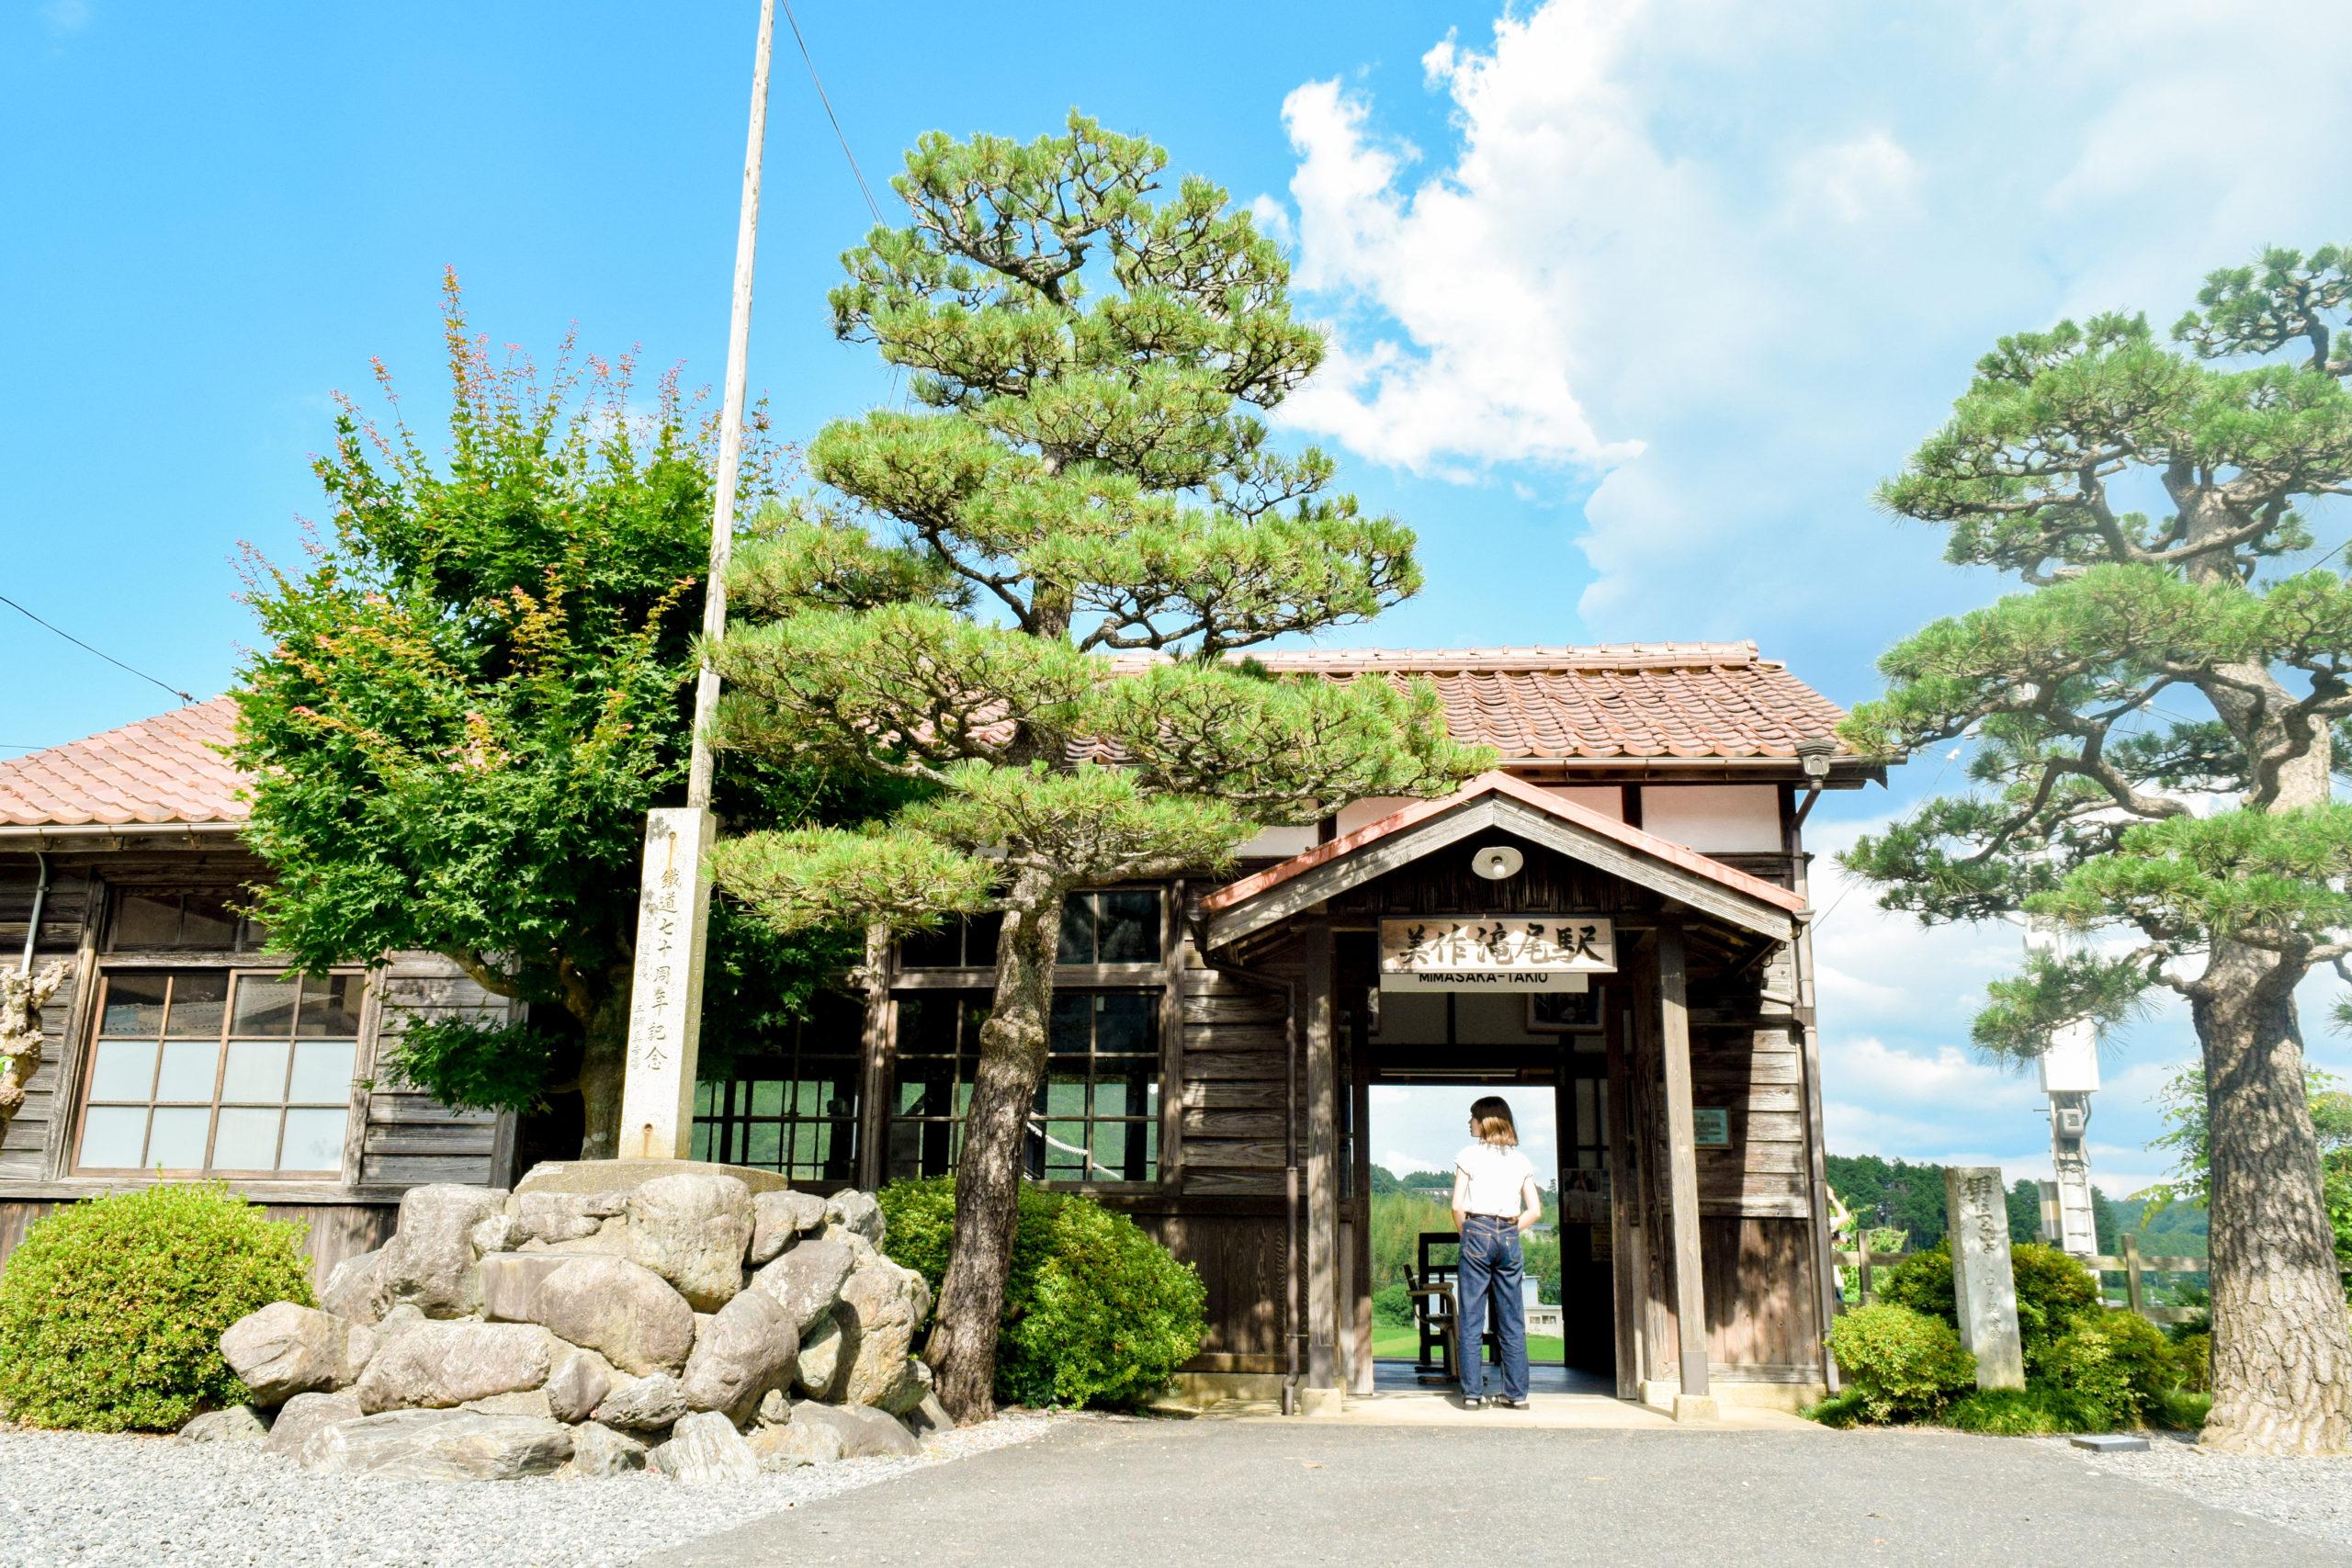 「懐かしい」も「新しい」も楽しめる、いま推したい岡山のスポット14選!画像